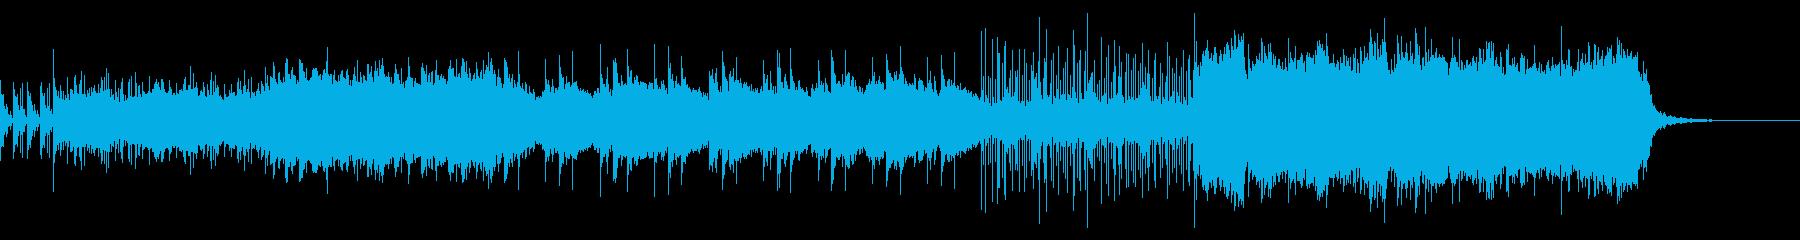 壮大なイメージのヒーリング音楽の再生済みの波形